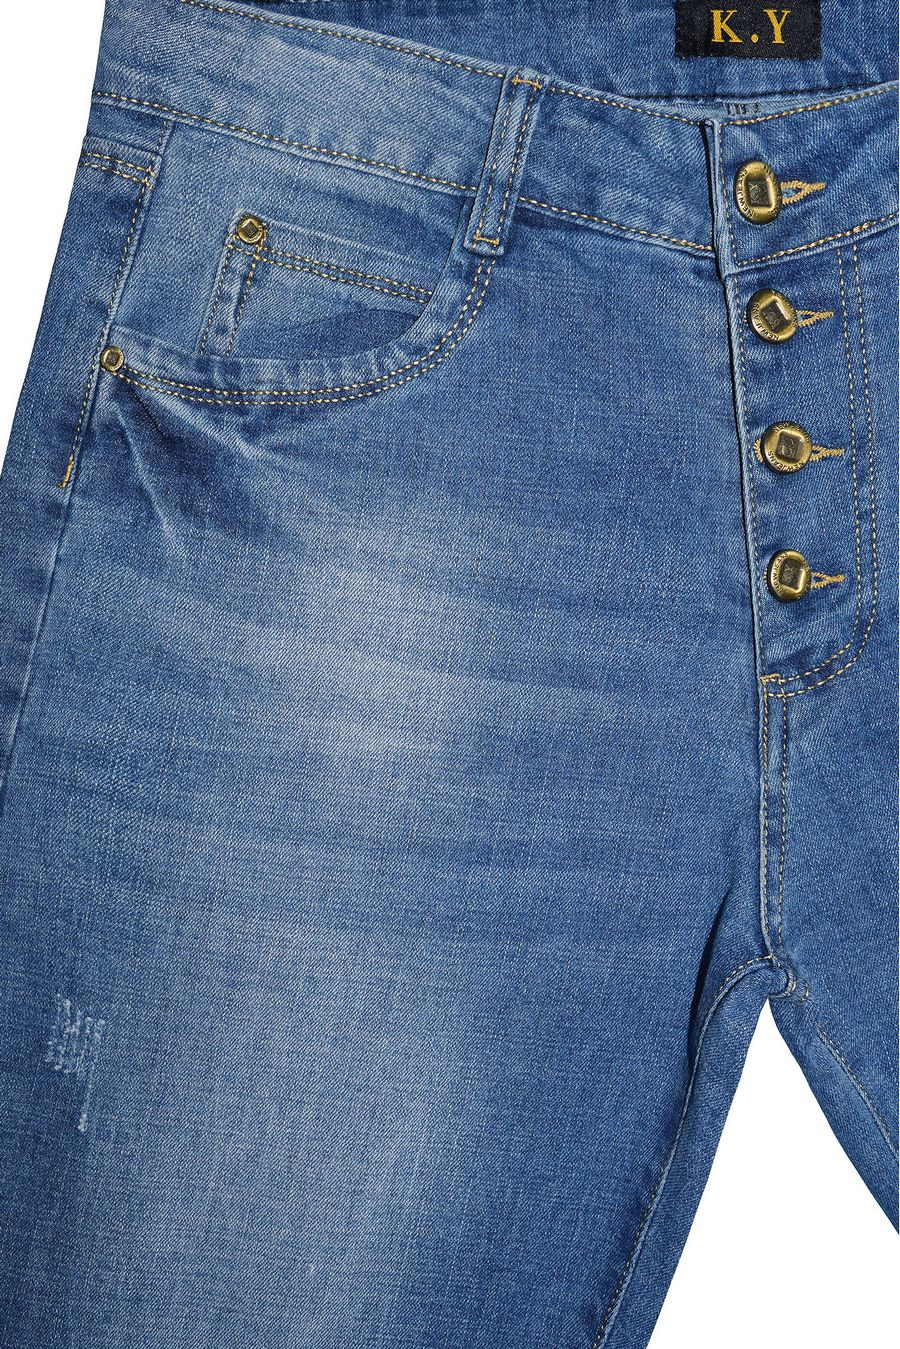 Джинсы женские K.Y Jeans L478 - фото 3